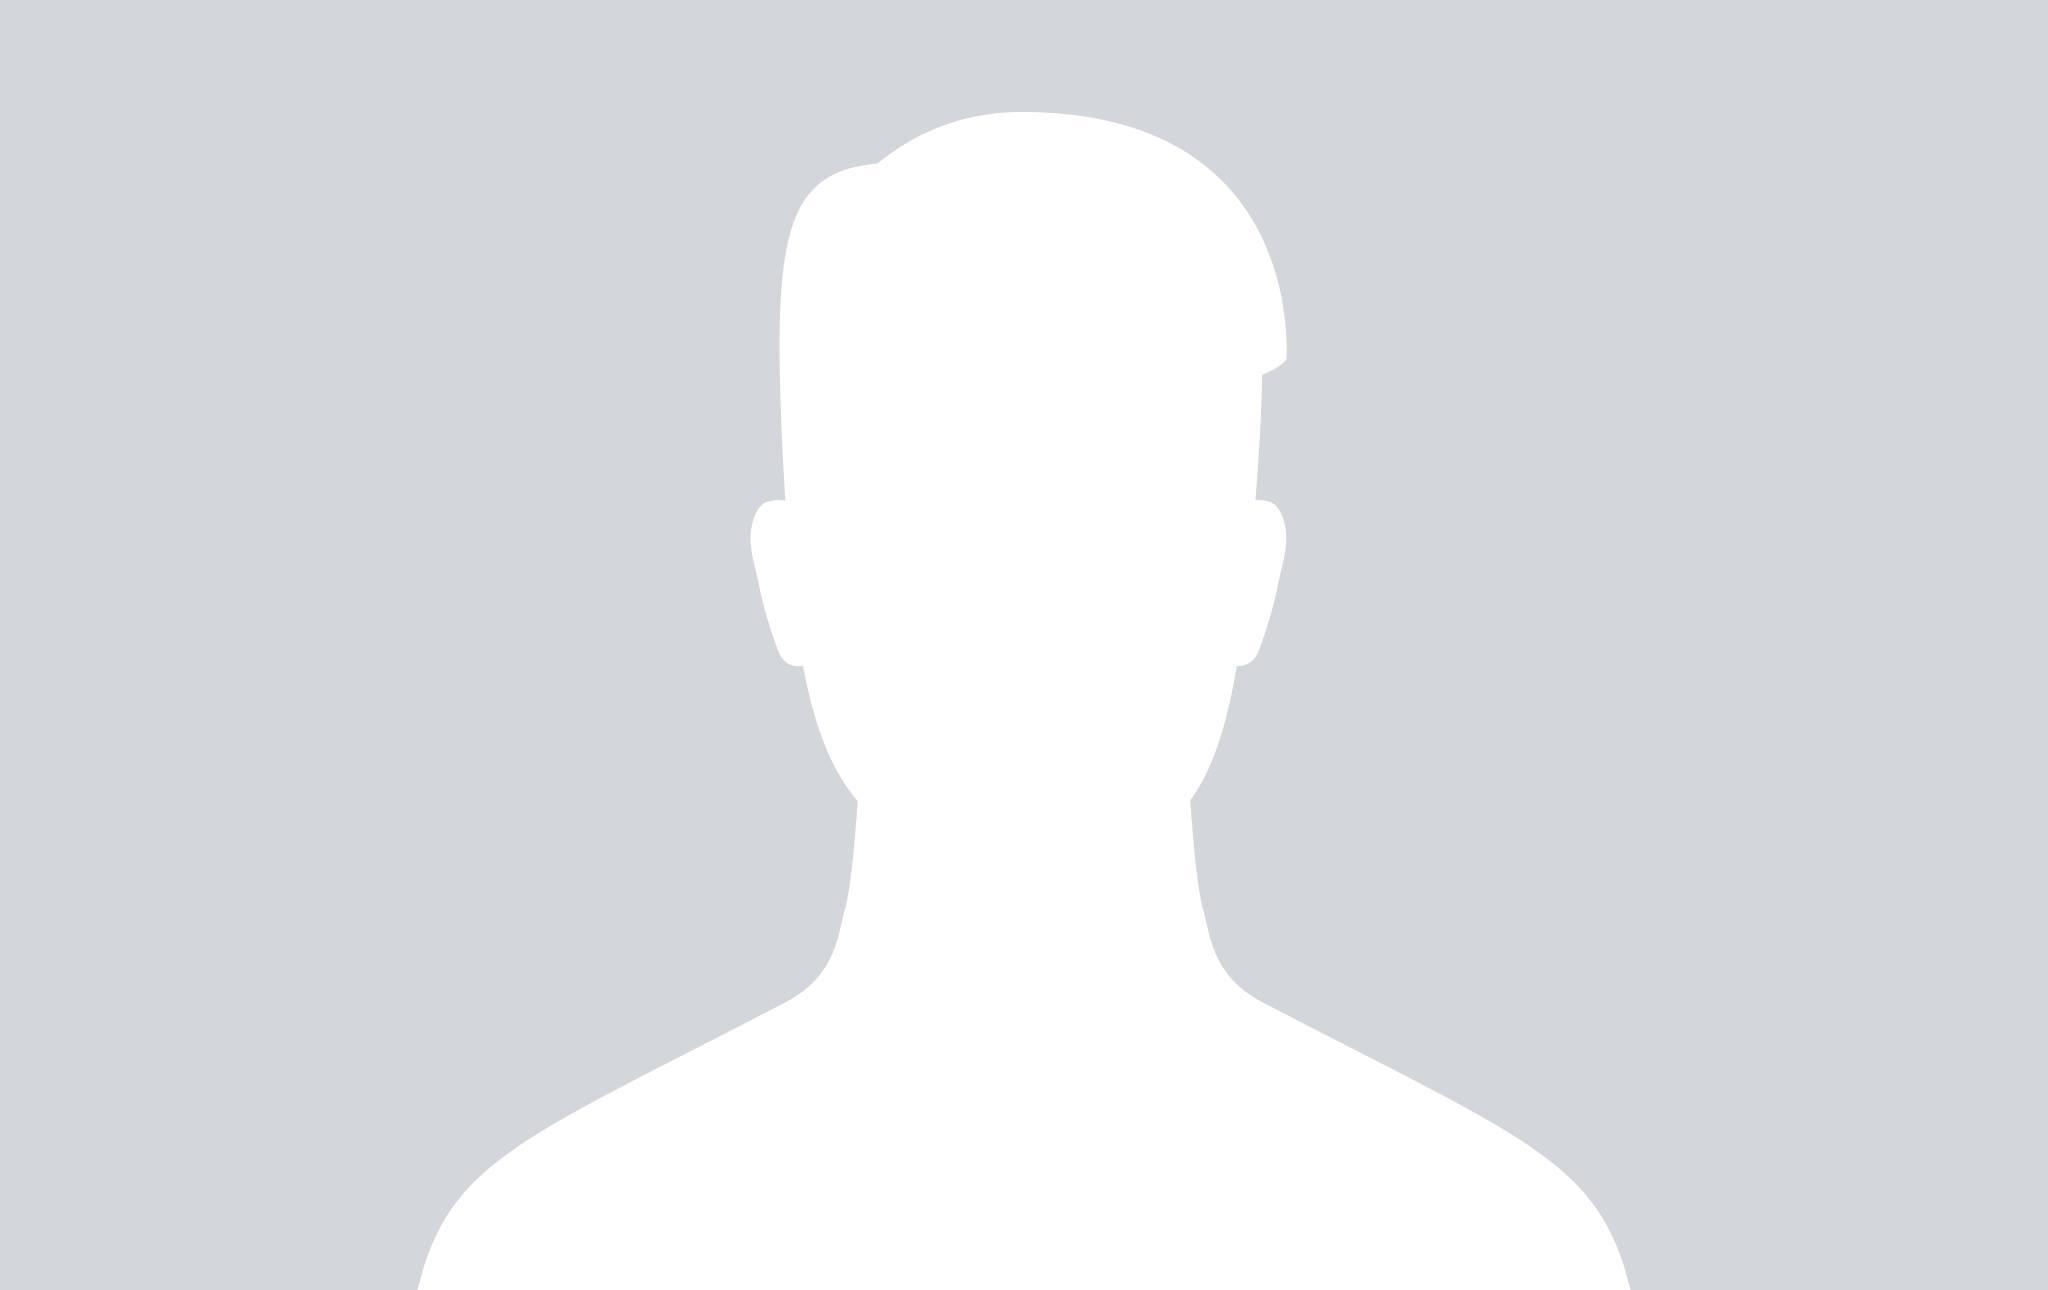 https://d2yht872mhrlra.cloudfront.net/user/67621/user_67621.jpg